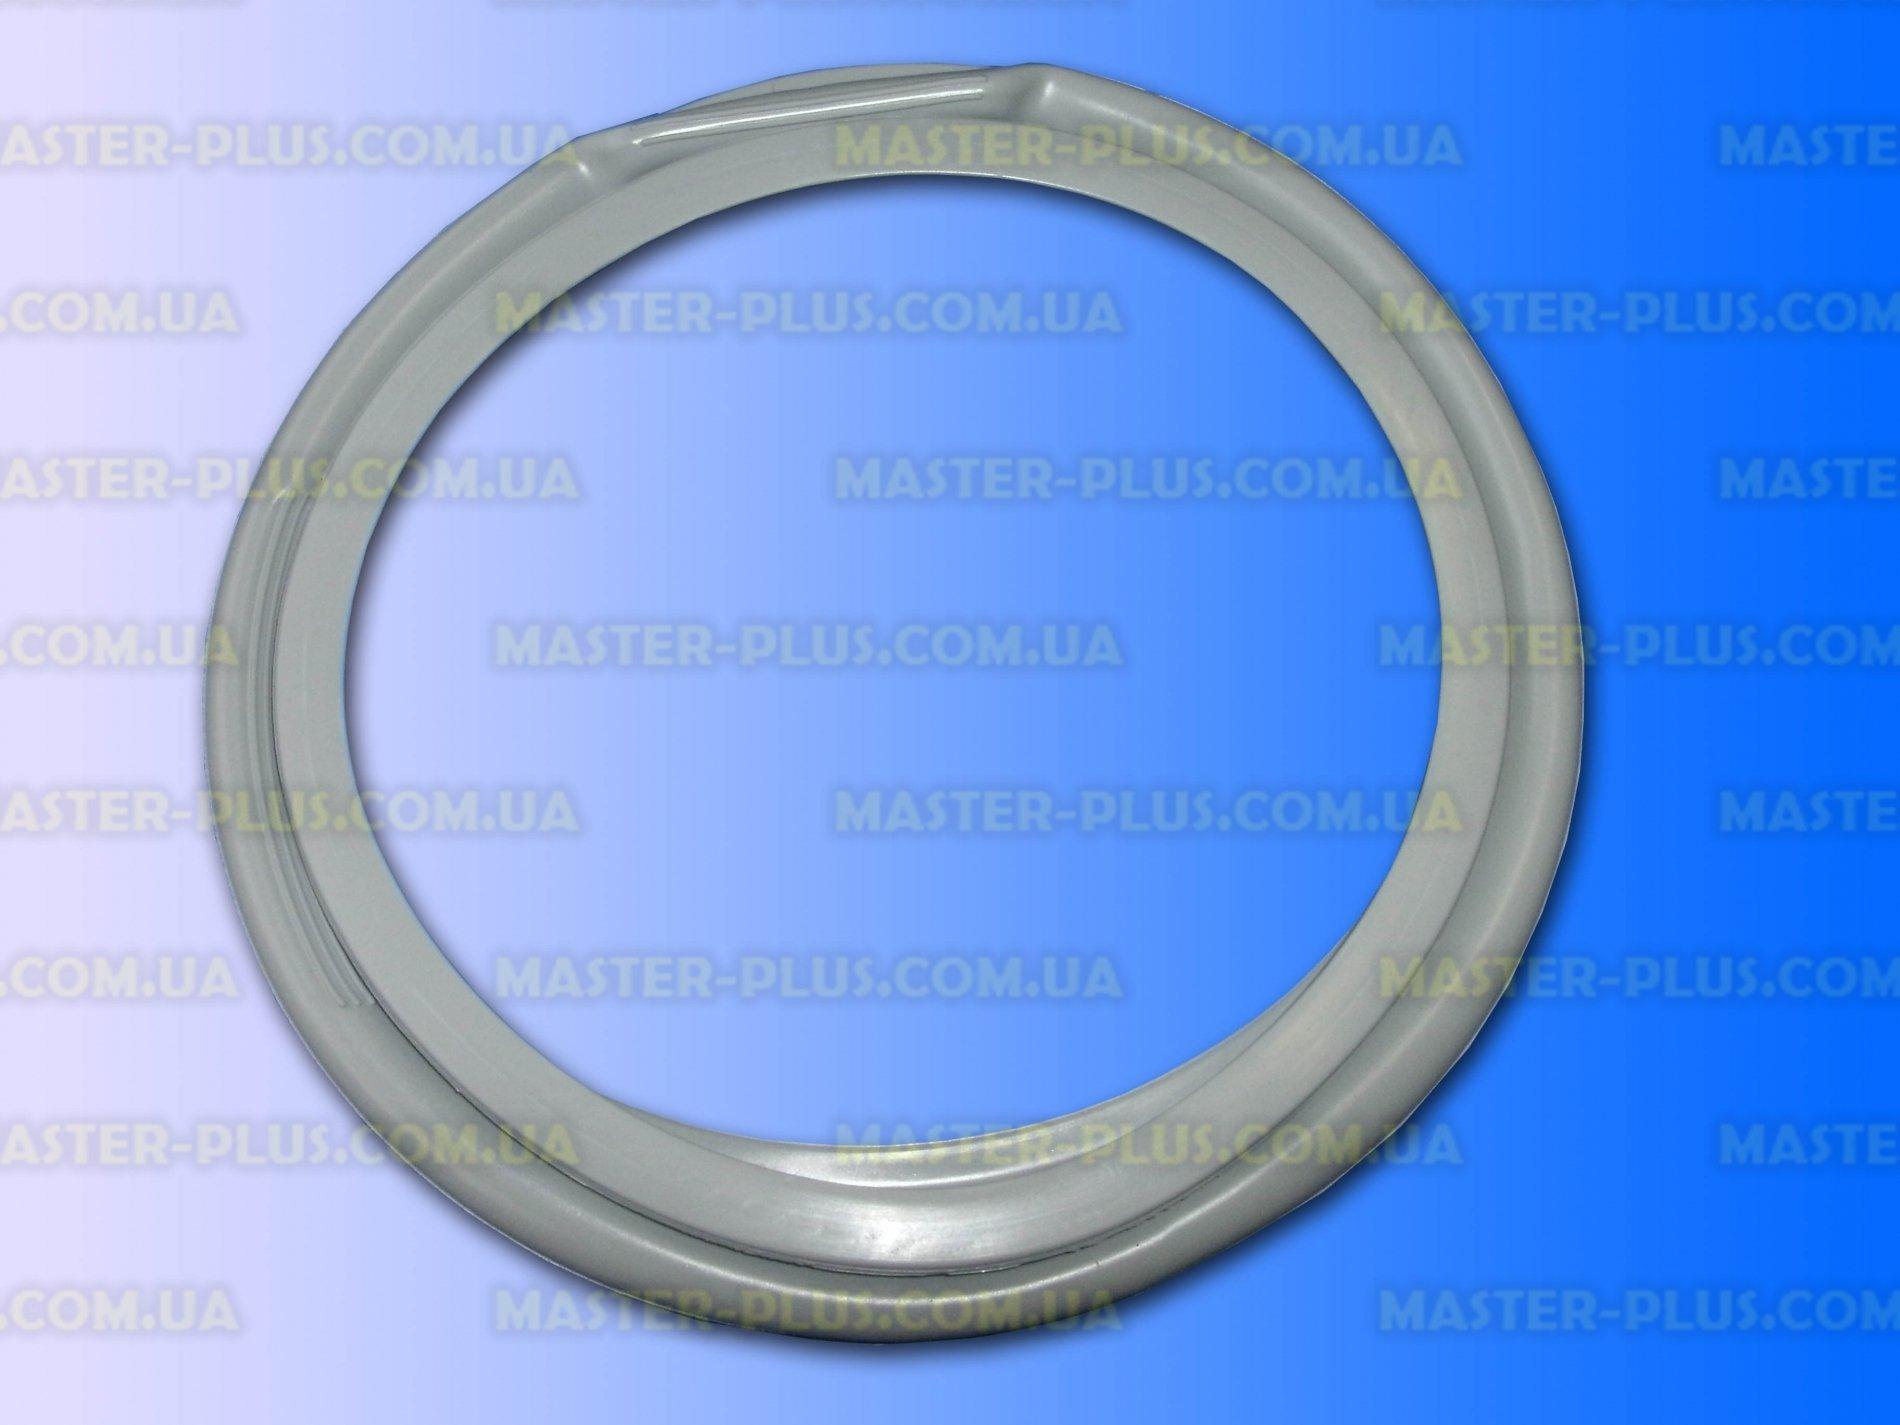 b3ff5de0cb1c9 Резина (манжет) люка Indesit Ariston C00095328 Original для стиральной  машины